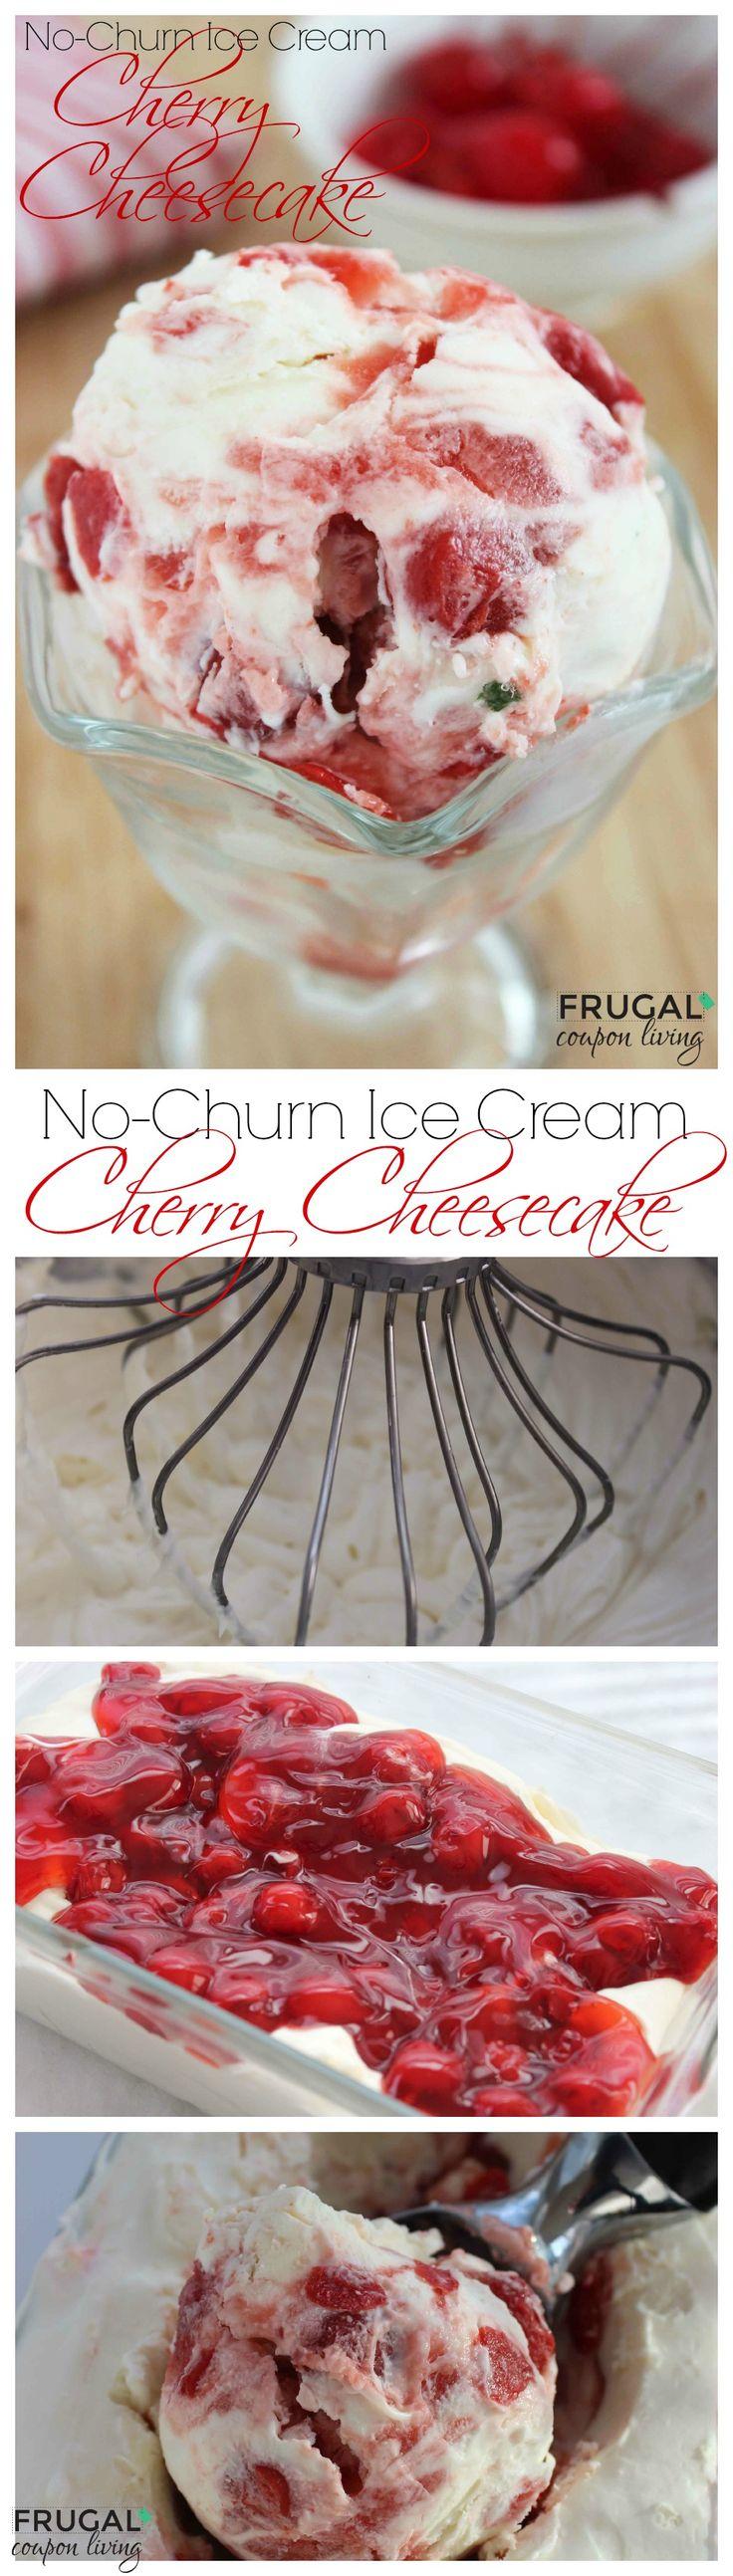 No-Churn Cherry Cheesecake Ice Cream Recipe.Homemade Ice Cream. Yum